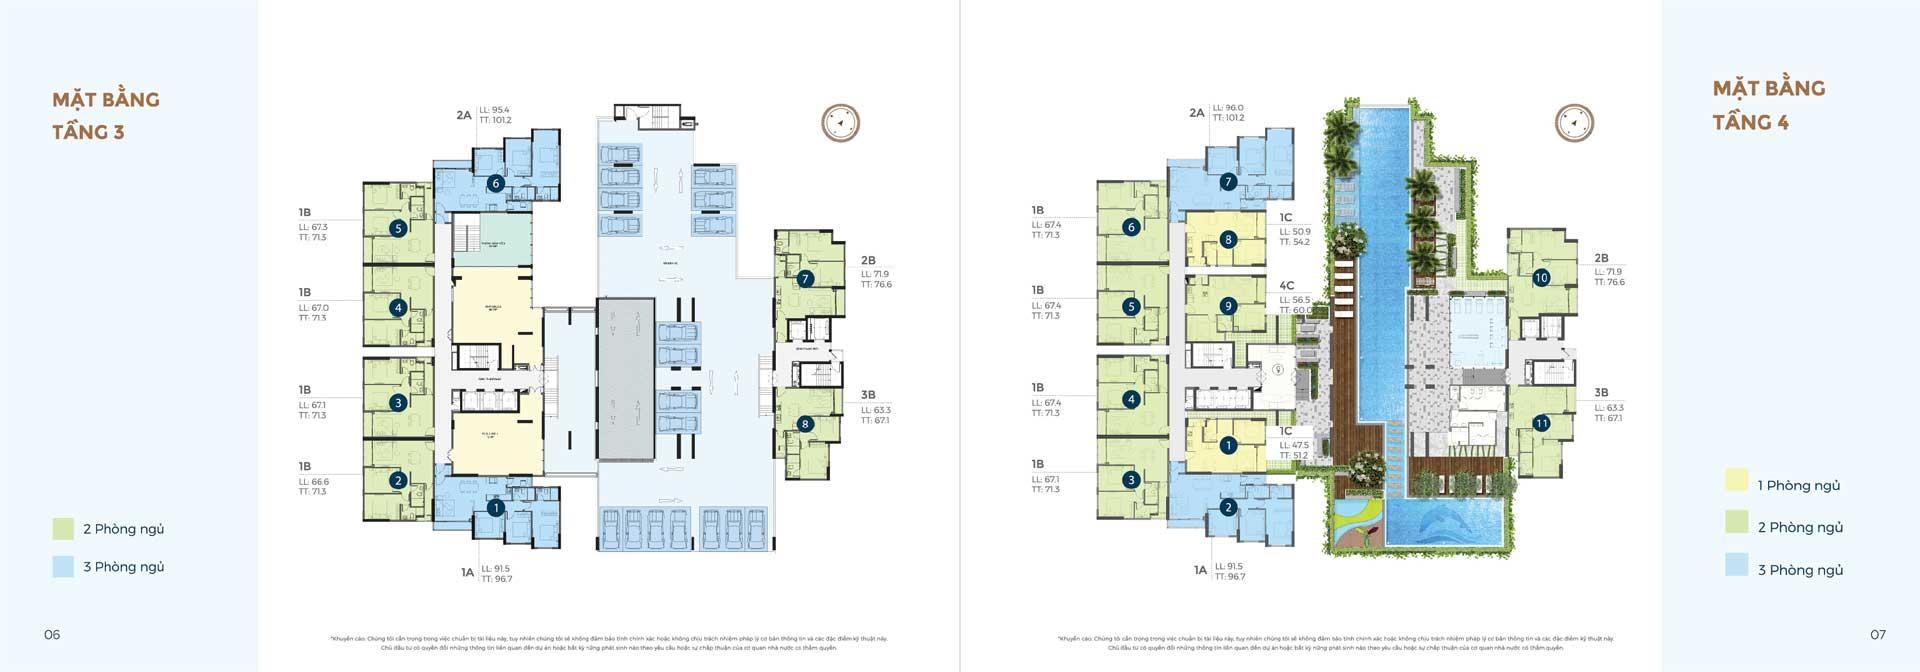 mặt bằng tầng 3 và 4 căn hộ Precia Quận 2